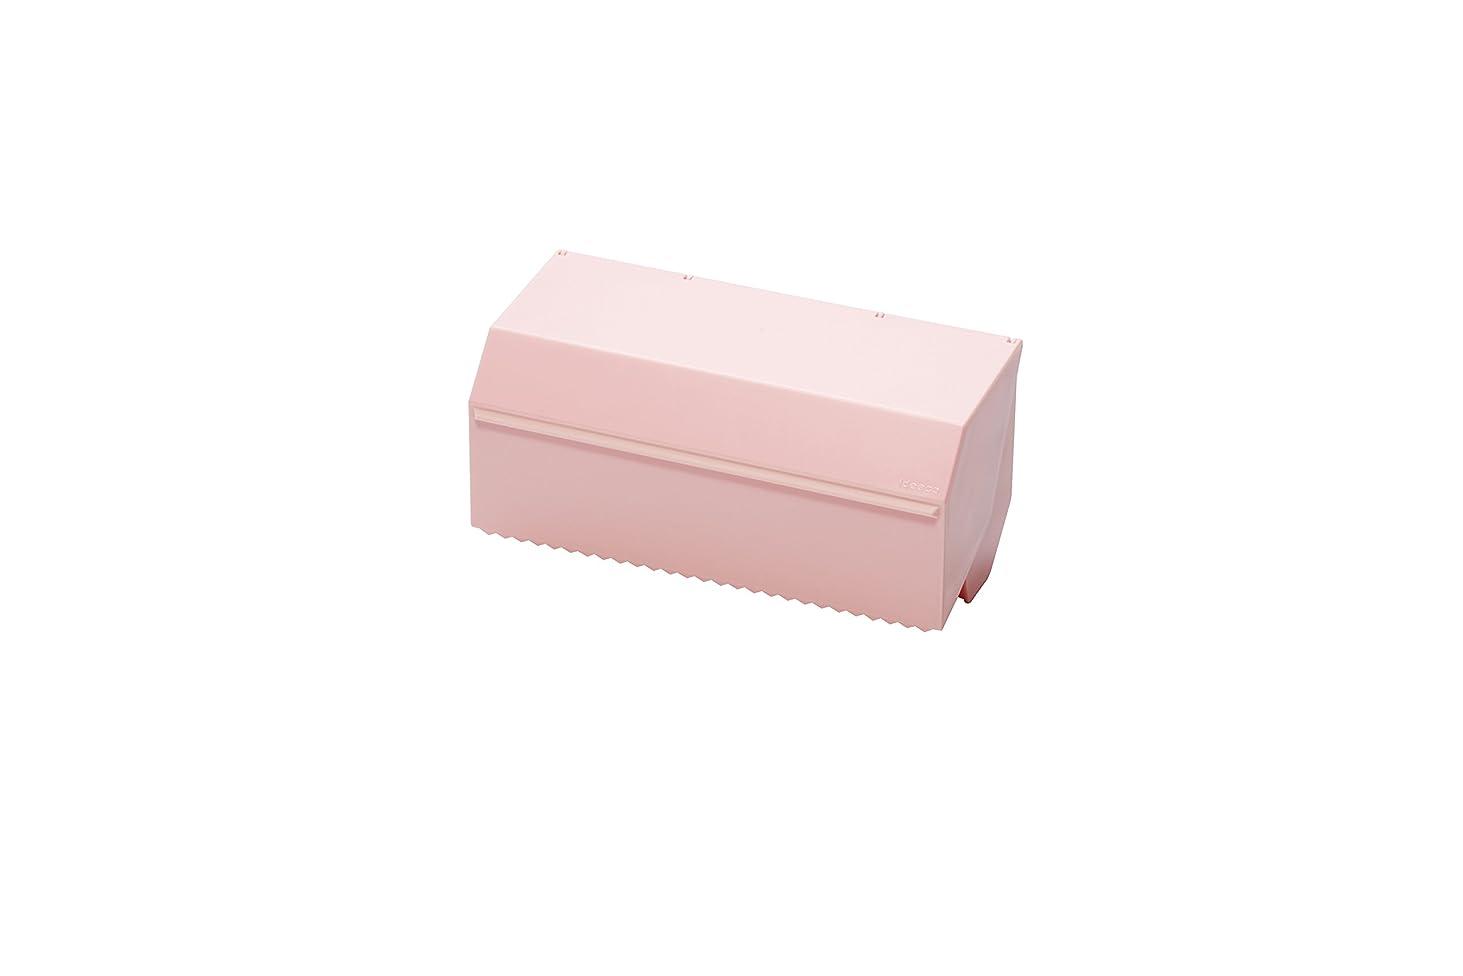 メタン冷笑する囲むイデアコ キッチンタオルディスペンサー ピンク (マット)